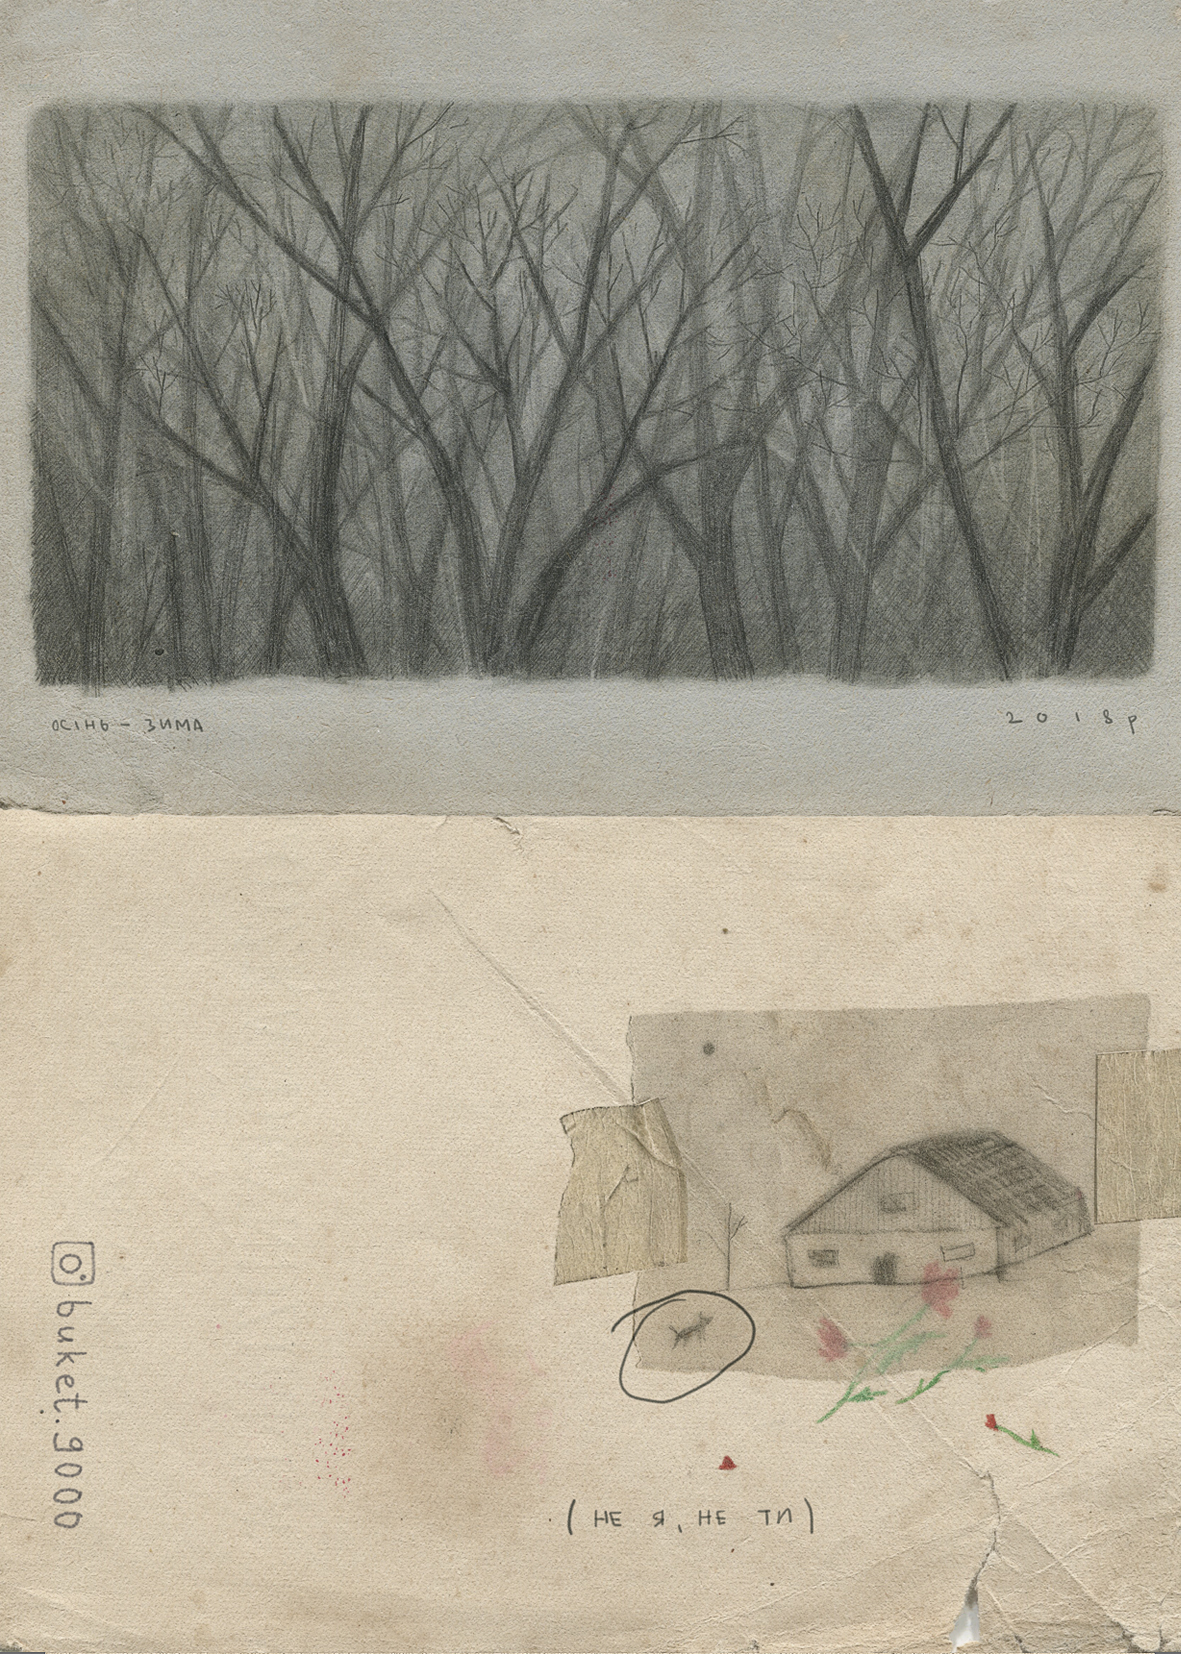 Євгенія Любчик. Осінь-зима, 2019; рисунок, цифровий колаж, листівка, 10х15